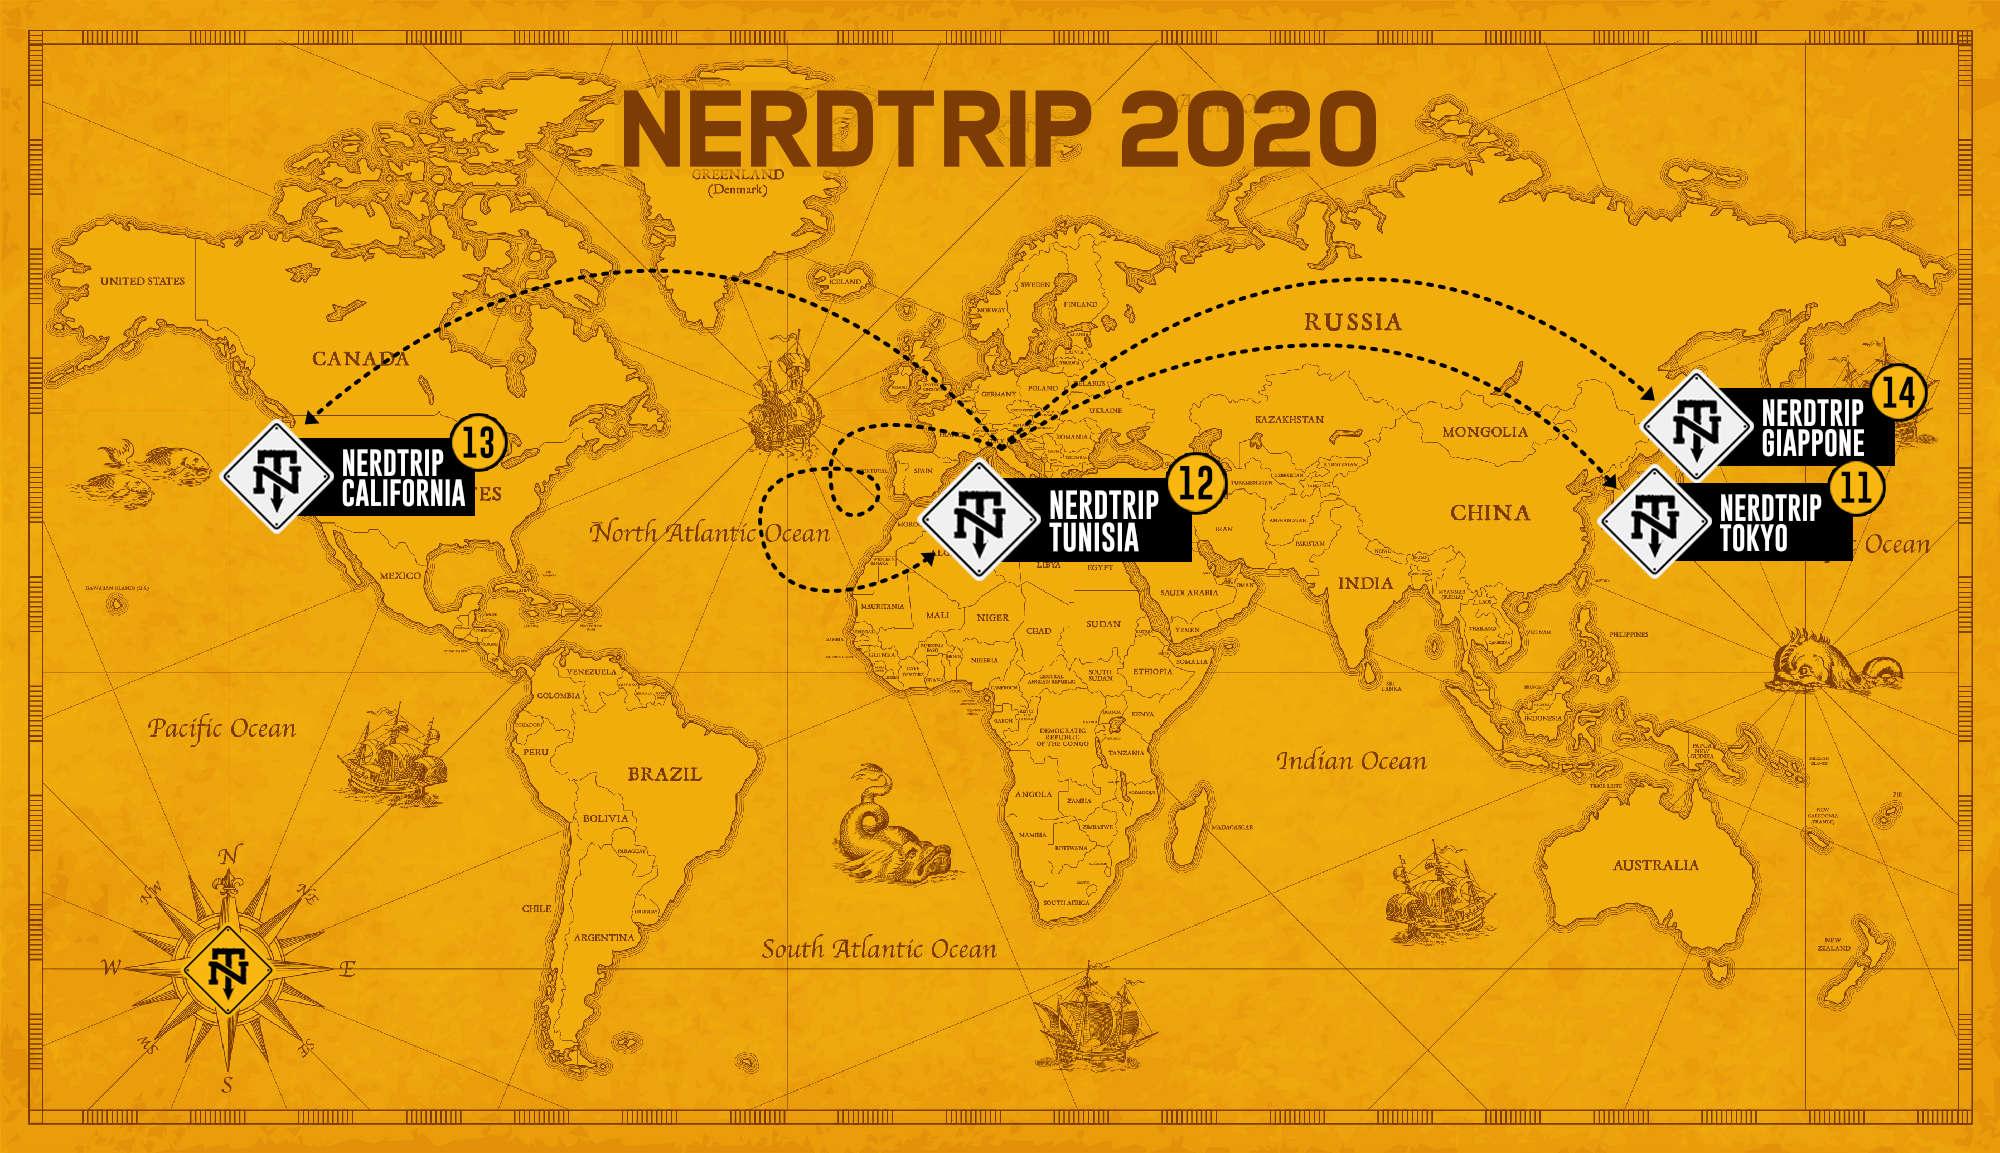 Anteprima NerdTrip 2020: Tokyo, Tunisia, California e Giappone!